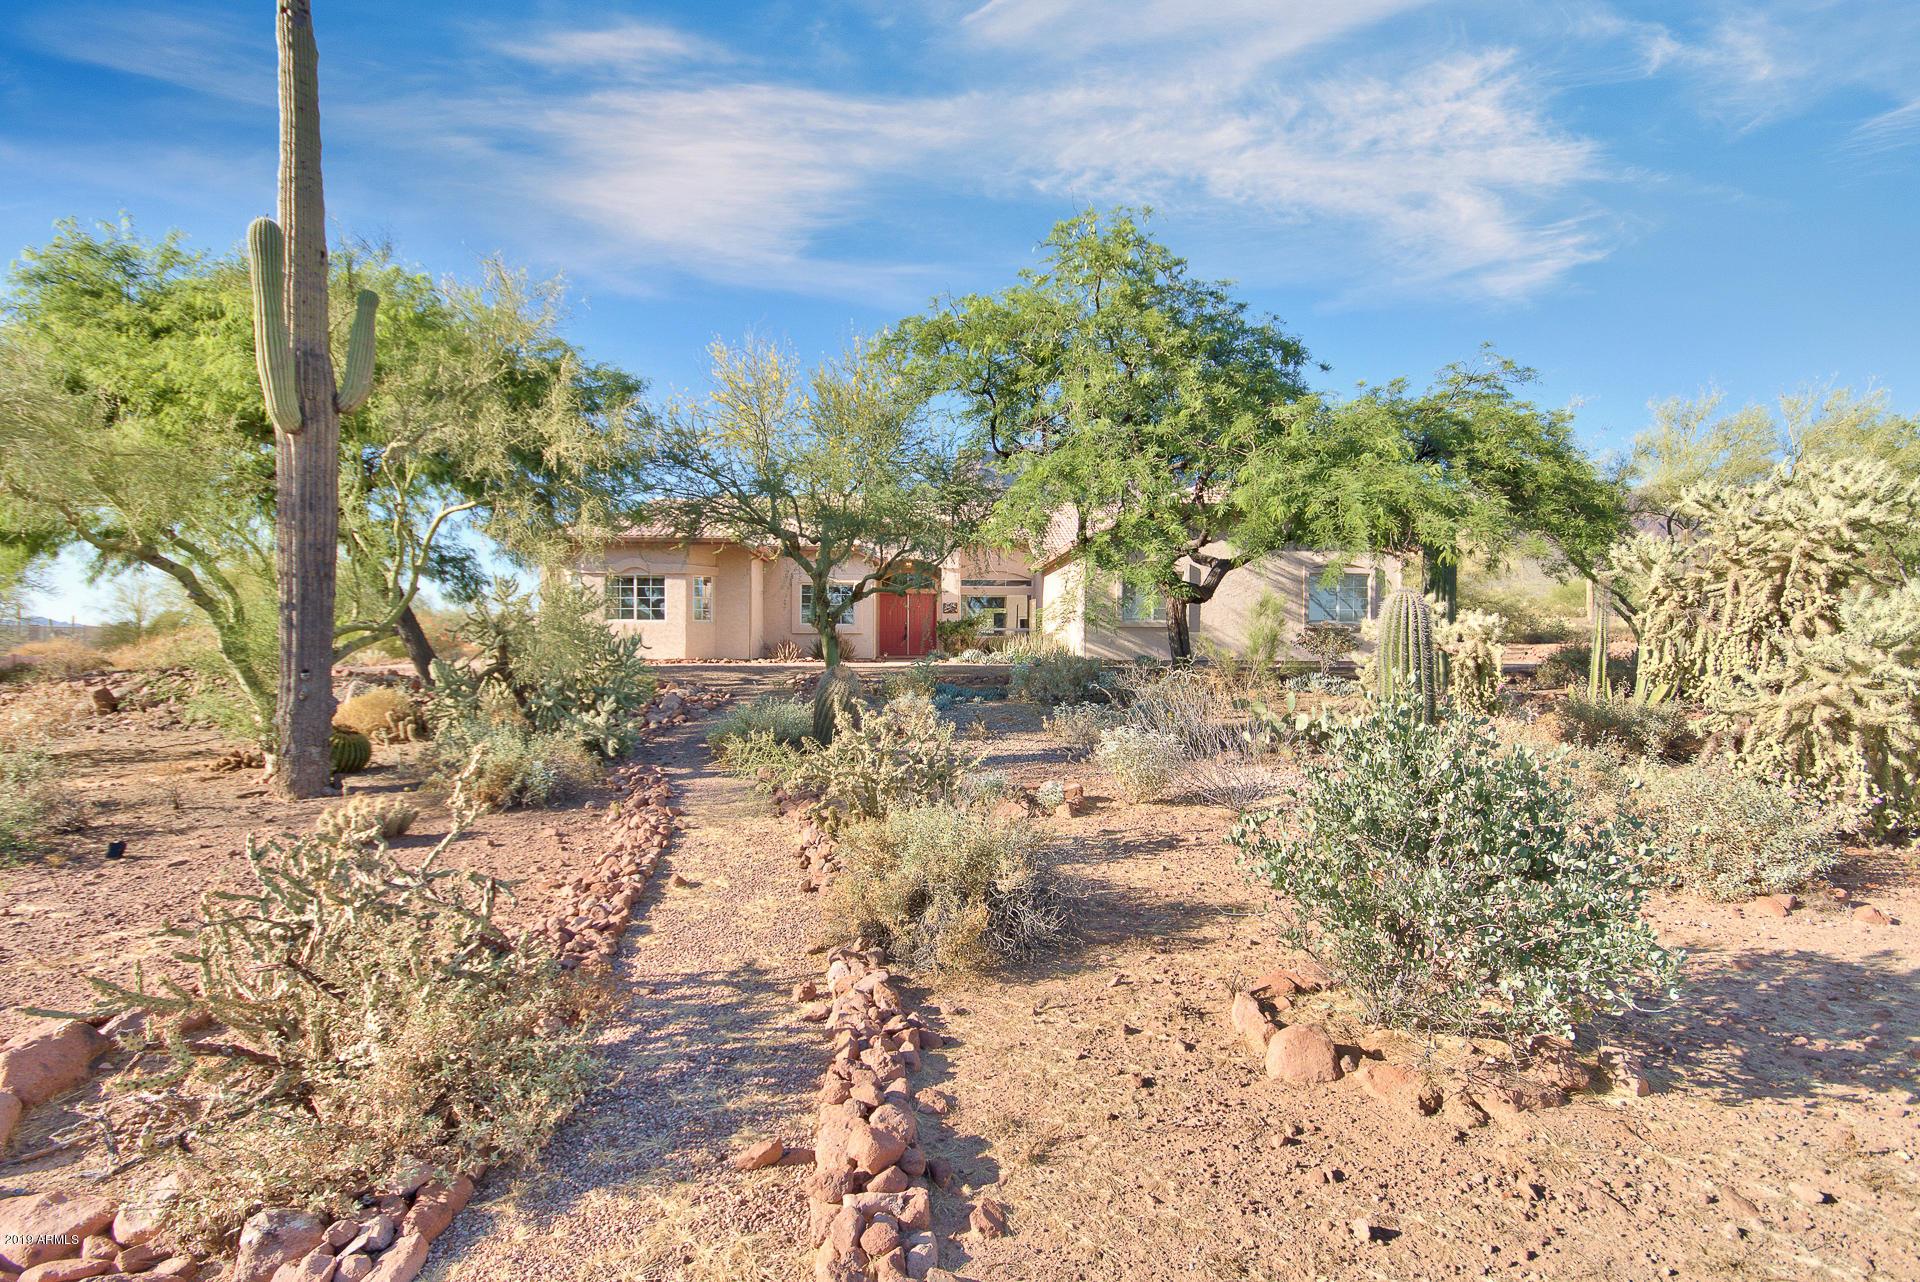 Photo of 6770 E SUPERSTITION VIEW Drive, Apache Junction, AZ 85119